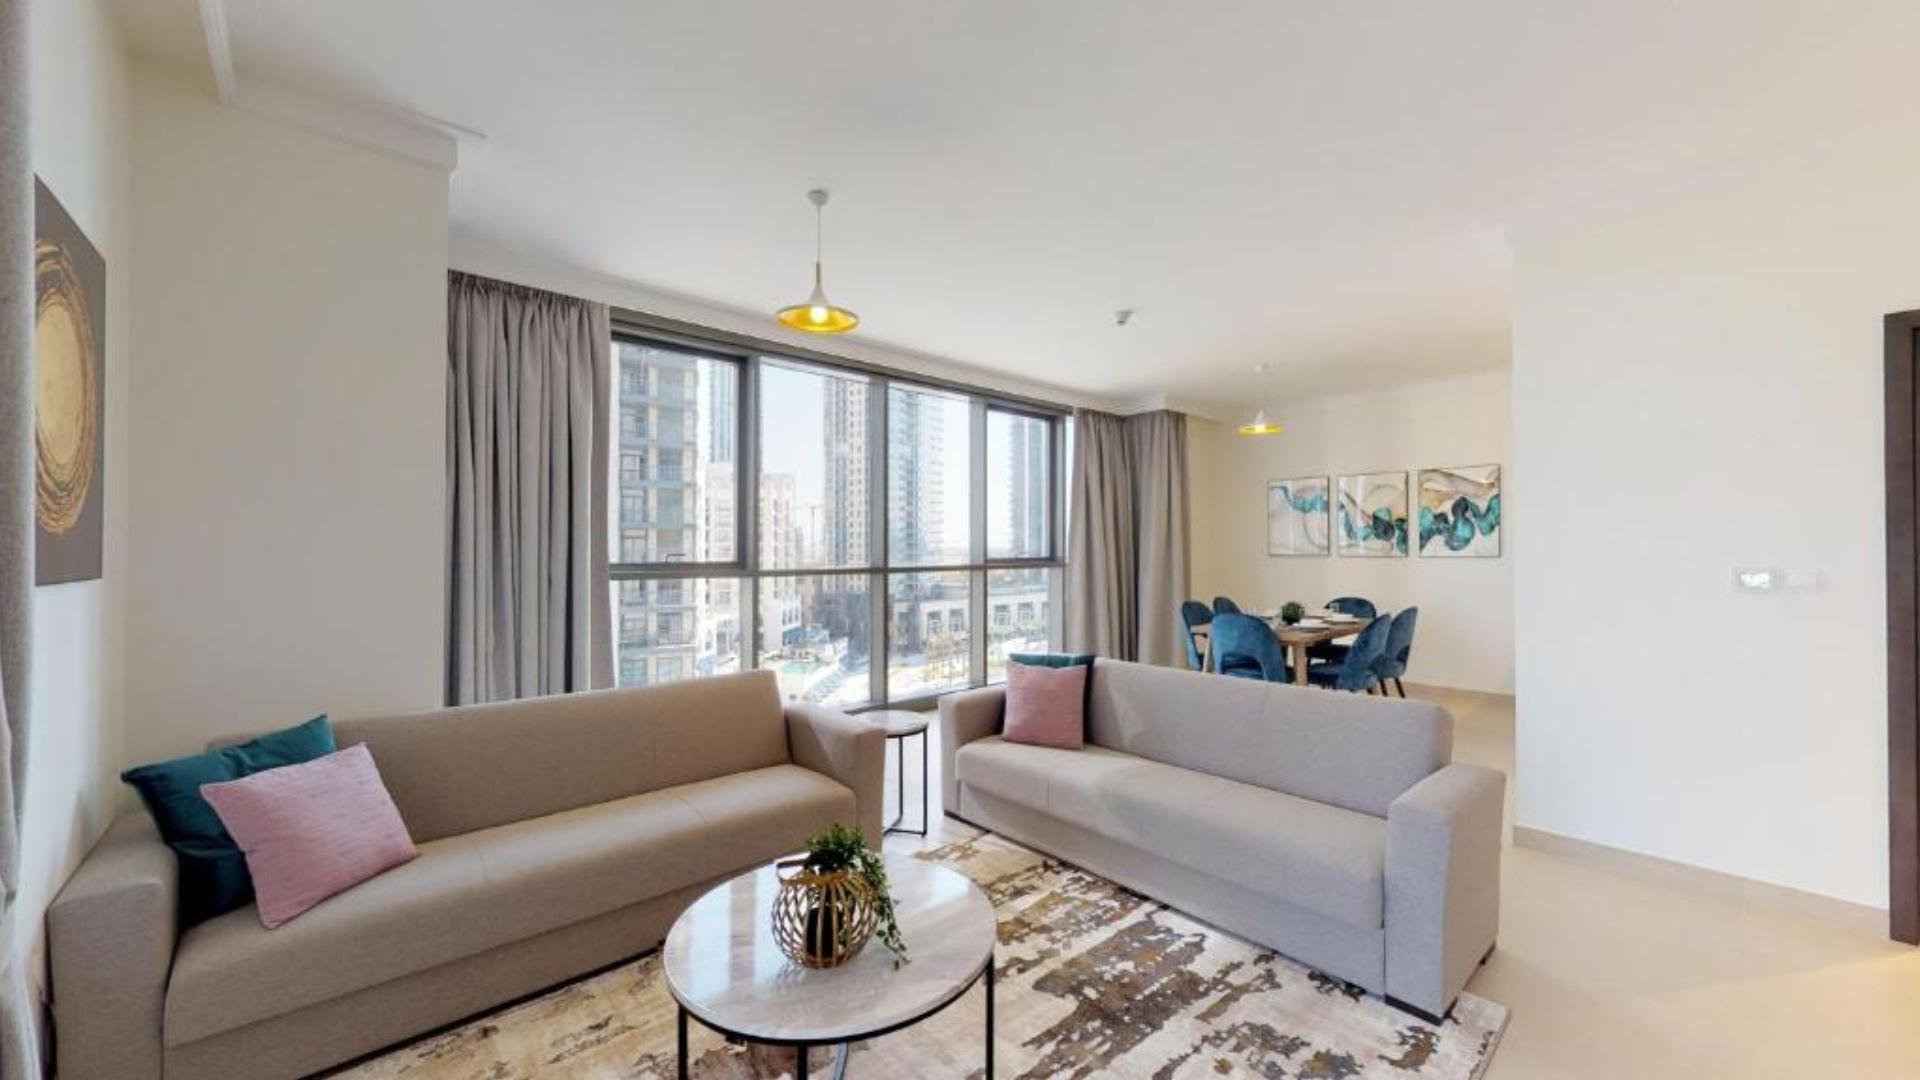 Apartamento en venta en Dubai, EAU, 1 dormitorio, 109 m2, № 24299 – foto 1